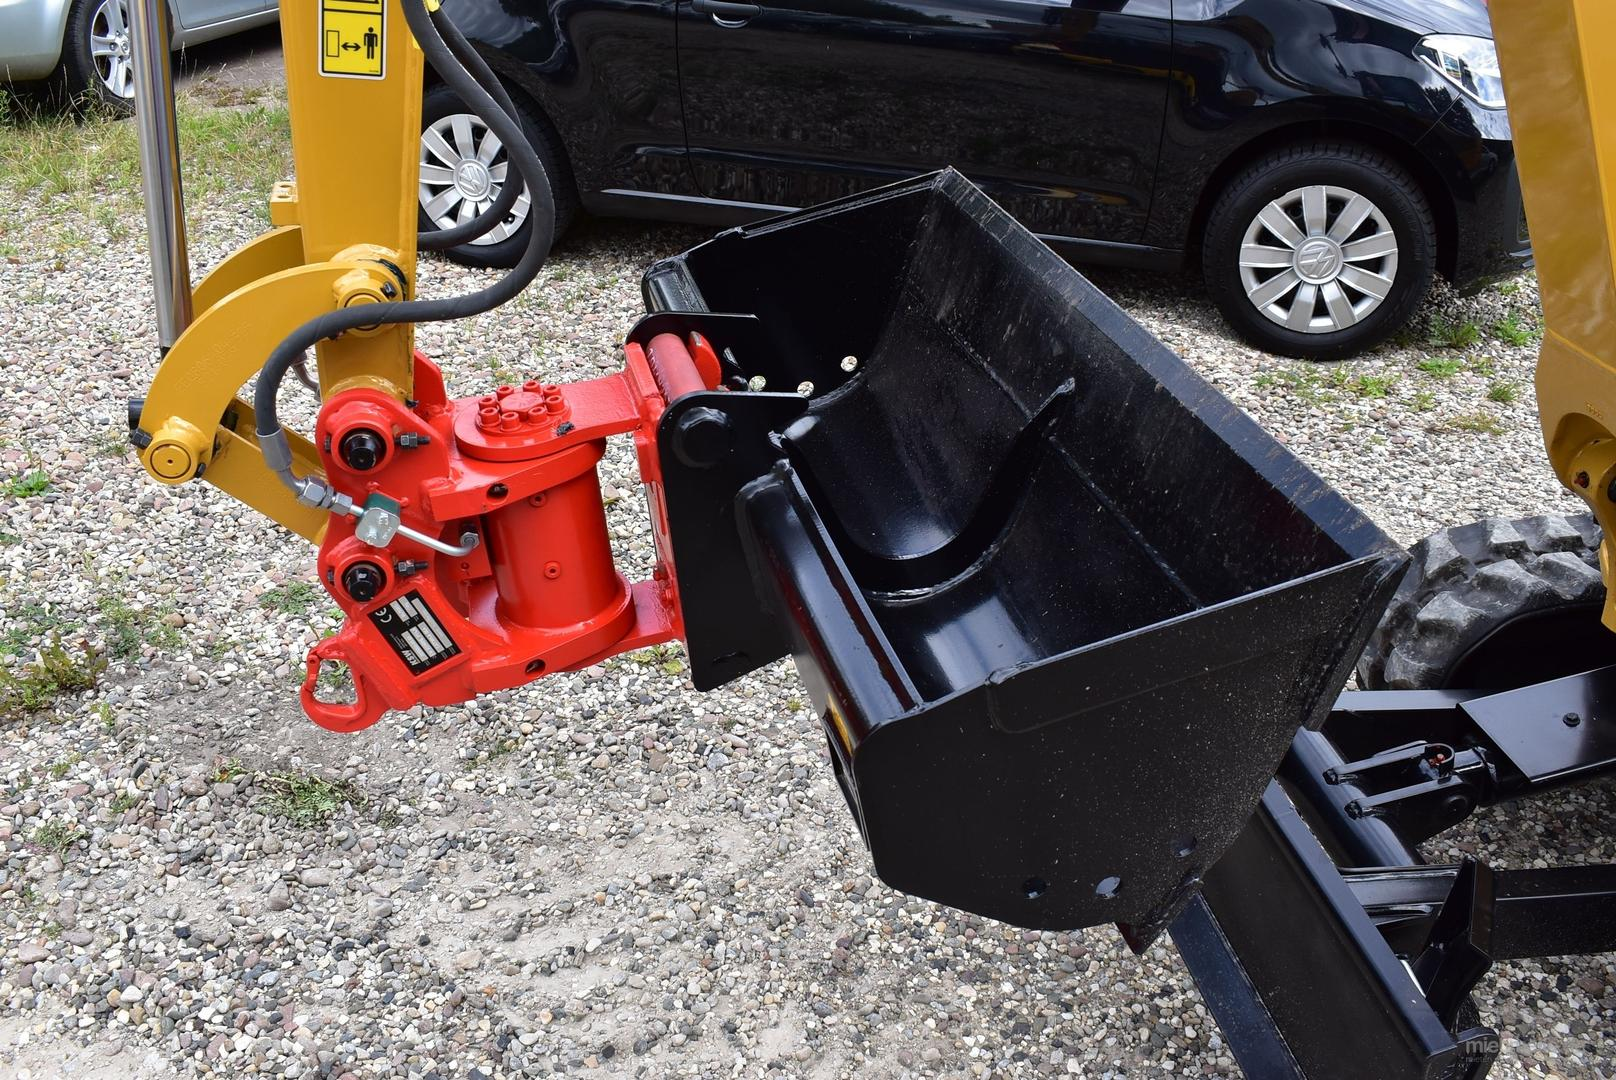 Minibagger mieten & vermieten - CAT 301.6 Minibagger|inkl. 3 Löffel| Hydraulisch schwenkbar| Powertilt Schnellwechsler|Vollkabine mit Heizung, Klima, Radio und Sitzfederung| Bagger| Mobilbagger in Celle